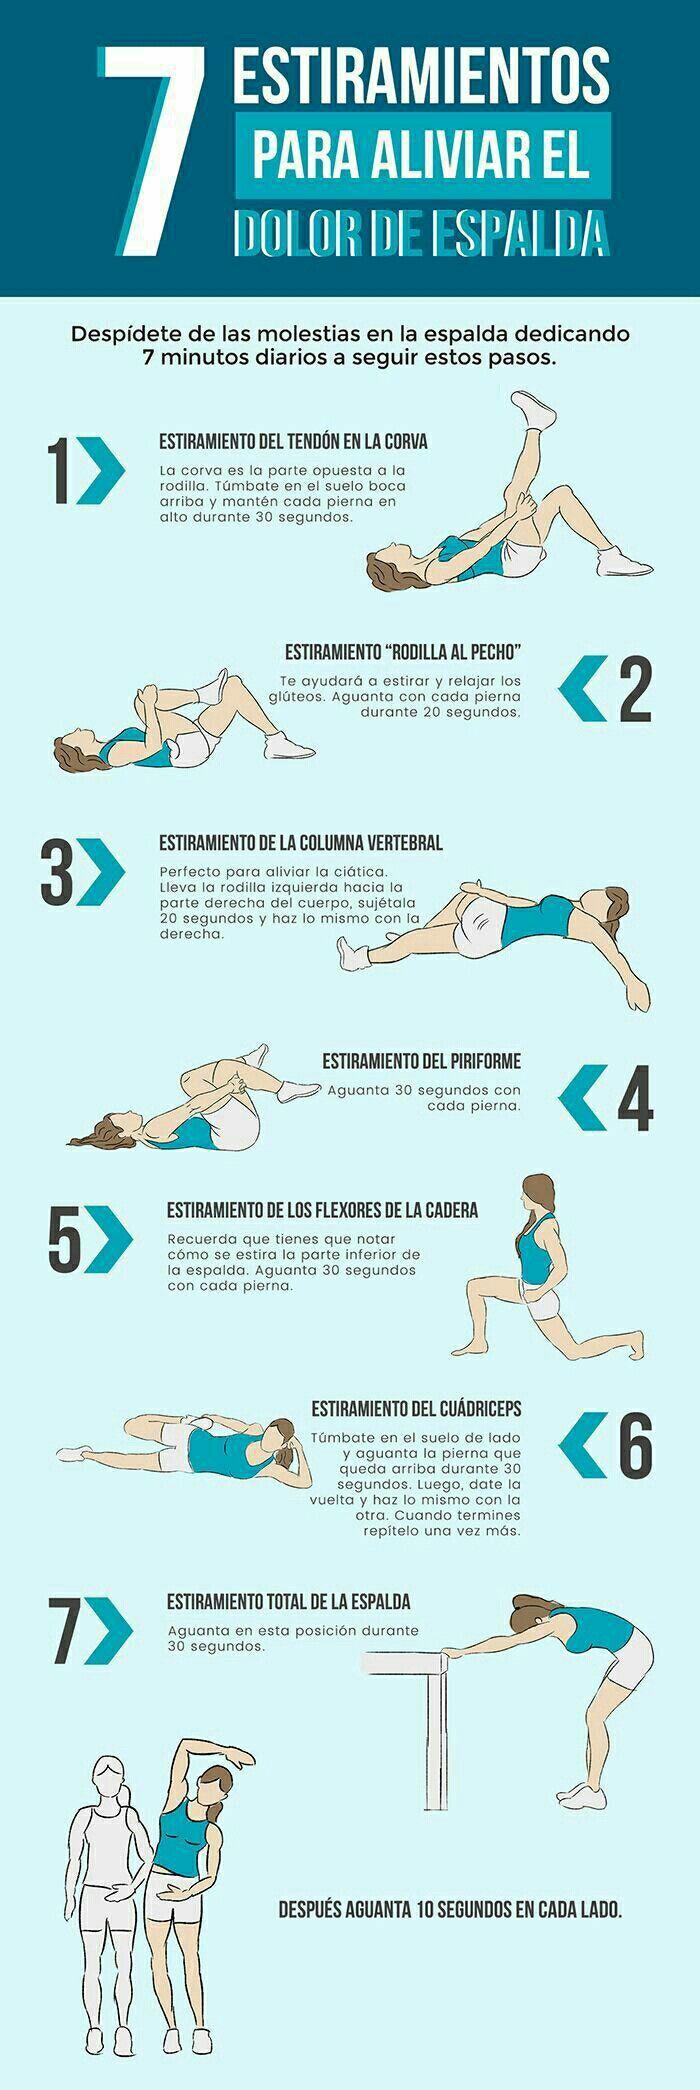 Estiramientos para aliviar y prevenir el dolor de espalda.